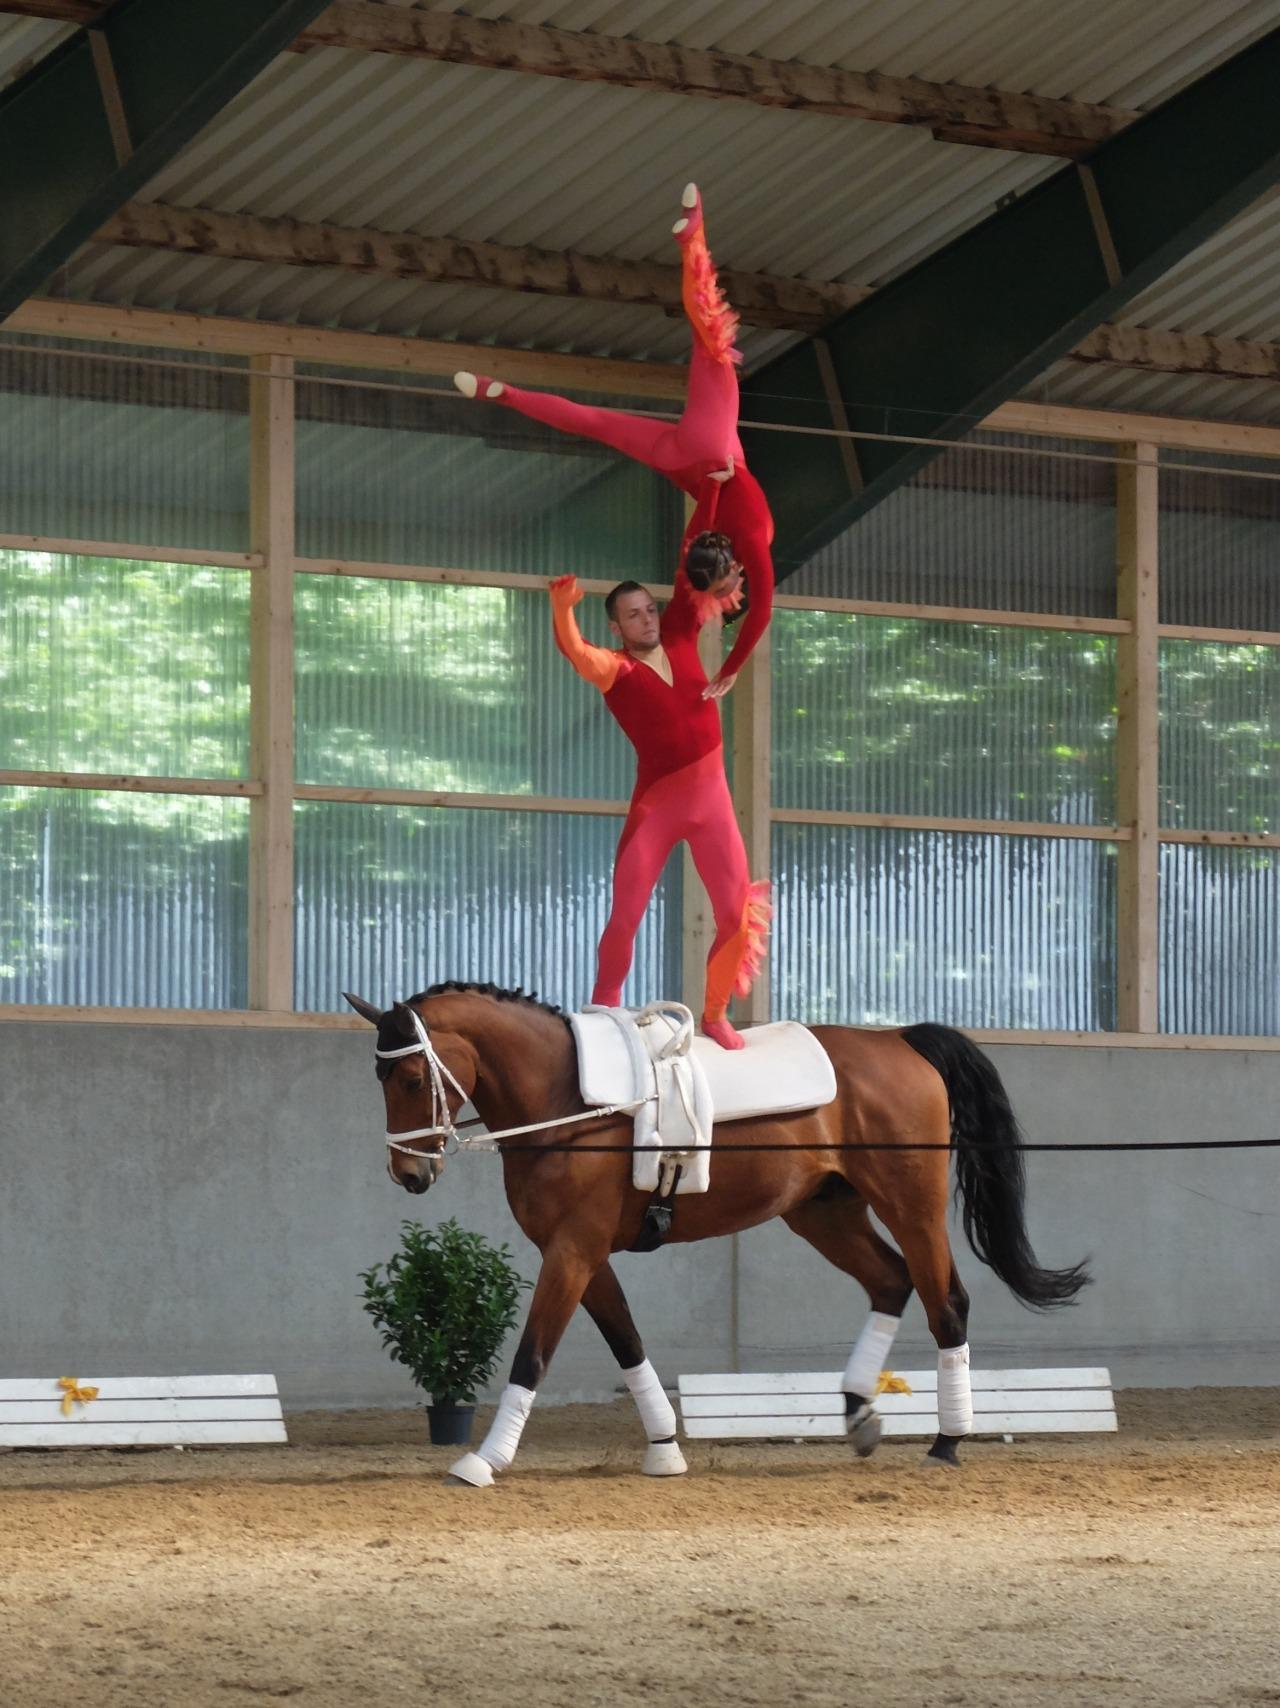 mangia minga - gymnastics on horseback, team VV Ingelsberg 1